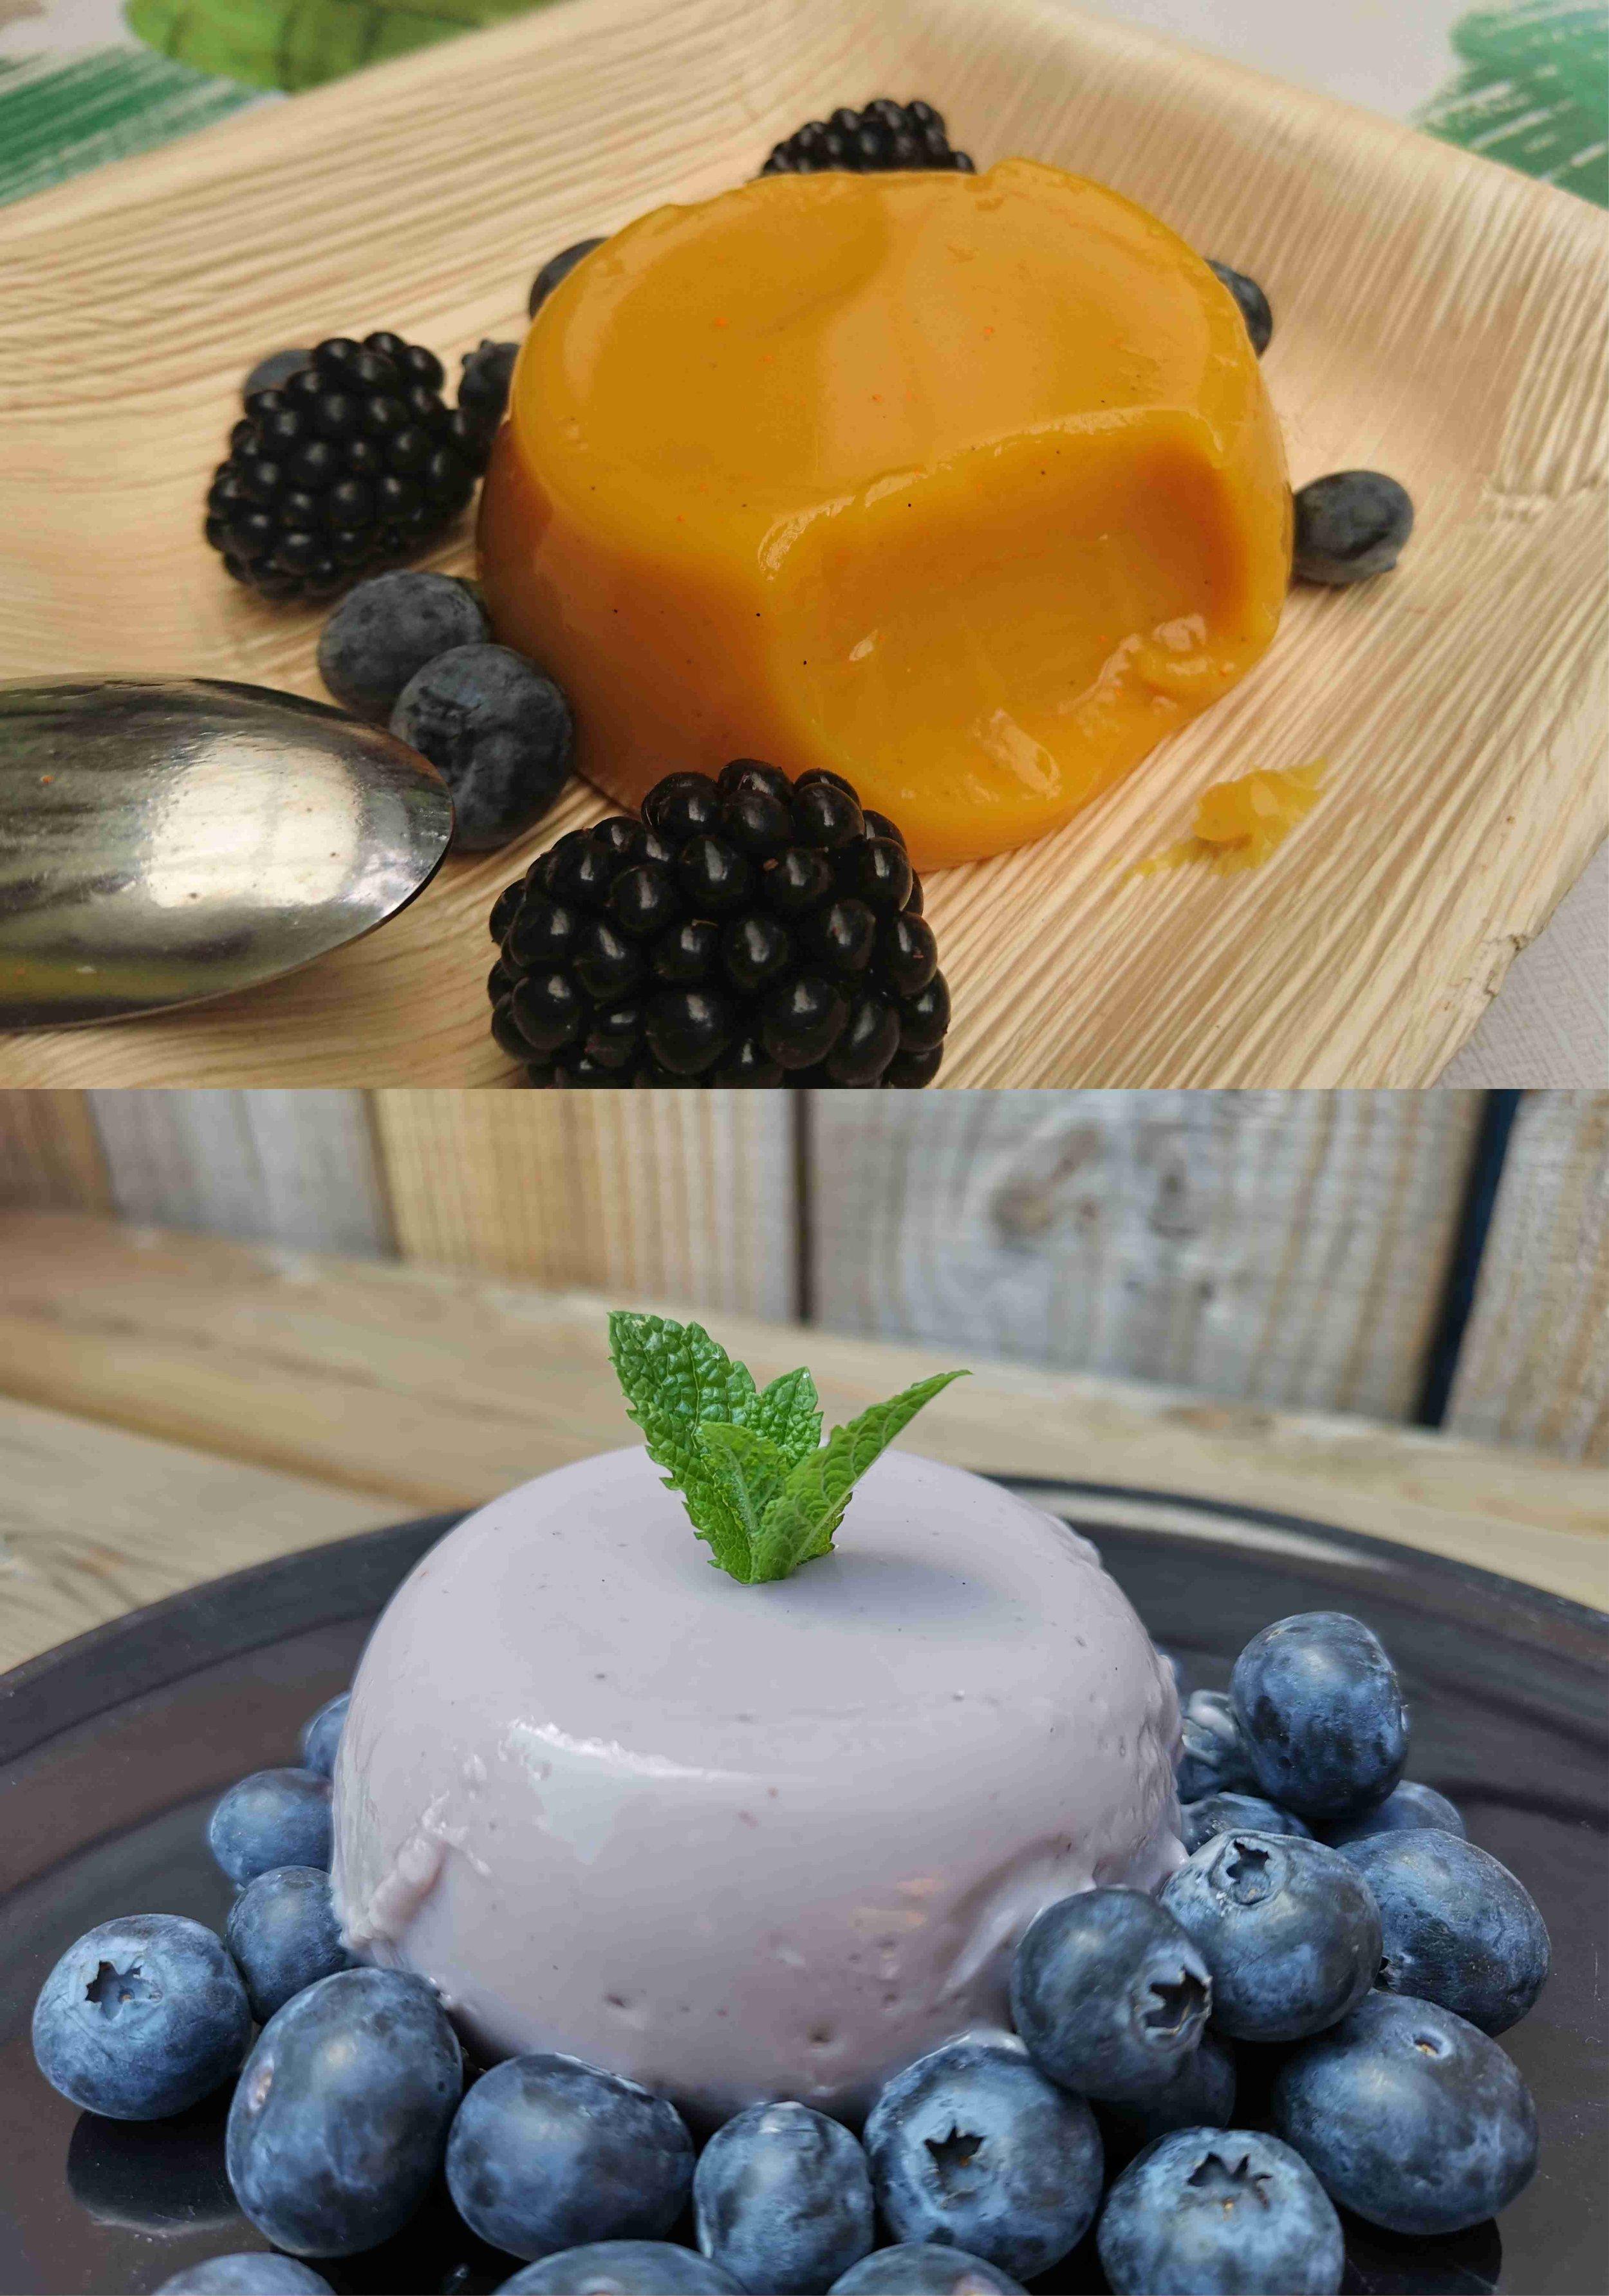 Kuzupudding - - 70 gram kuzu- 800 ml plantaardige melk- vanille- rietsuiker of ahornsiroop (optioneel)Los de kuzu, samen met de andere ingrediënten, op in de koude melk. Laat alles koken tot een dikke pudding. Verdeel over 6 glaasjes en laat opstijven in de koelkast.Hoe meer kuzu je toevoegt, des te stijver de pudding zal worden.Voor de gele variant gebruikte ik curcuma. In de lichtpaarse zitten vlierbessen. Je kunt evengoed blauwe bessen of pure chocolade toevoegen voor een andere kleur en smaak.